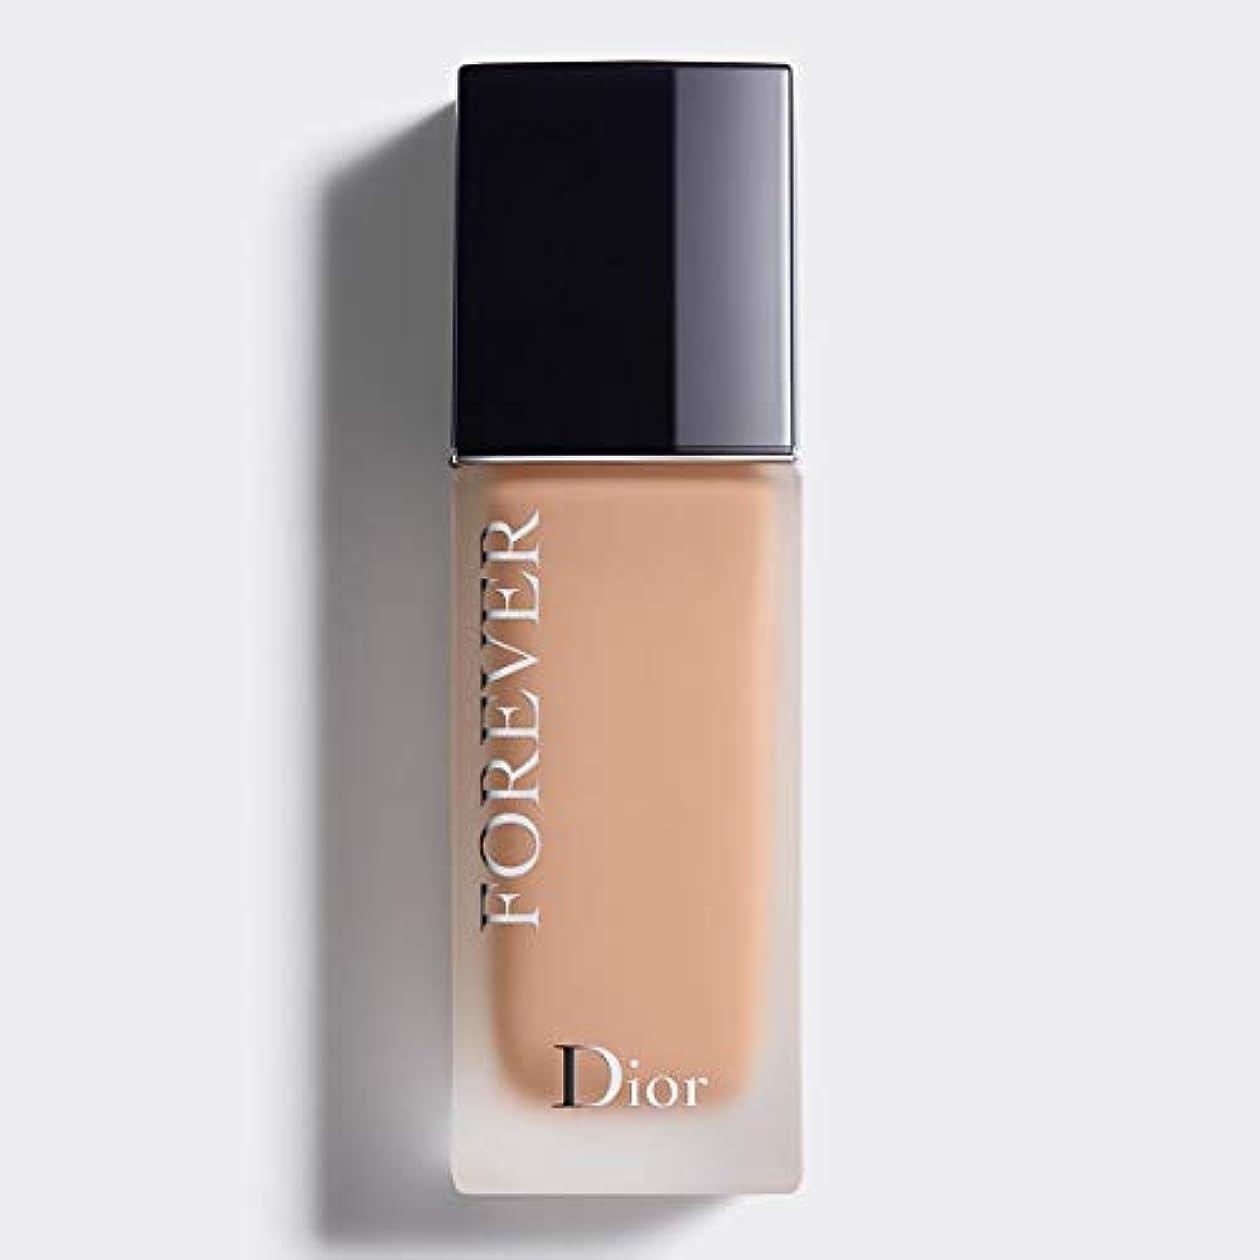 繰り返しメンテナンス含めるクリスチャンディオール Dior Forever 24H Wear High Perfection Foundation SPF 35 - # 3CR (Cool Rosy) 30ml/1oz並行輸入品